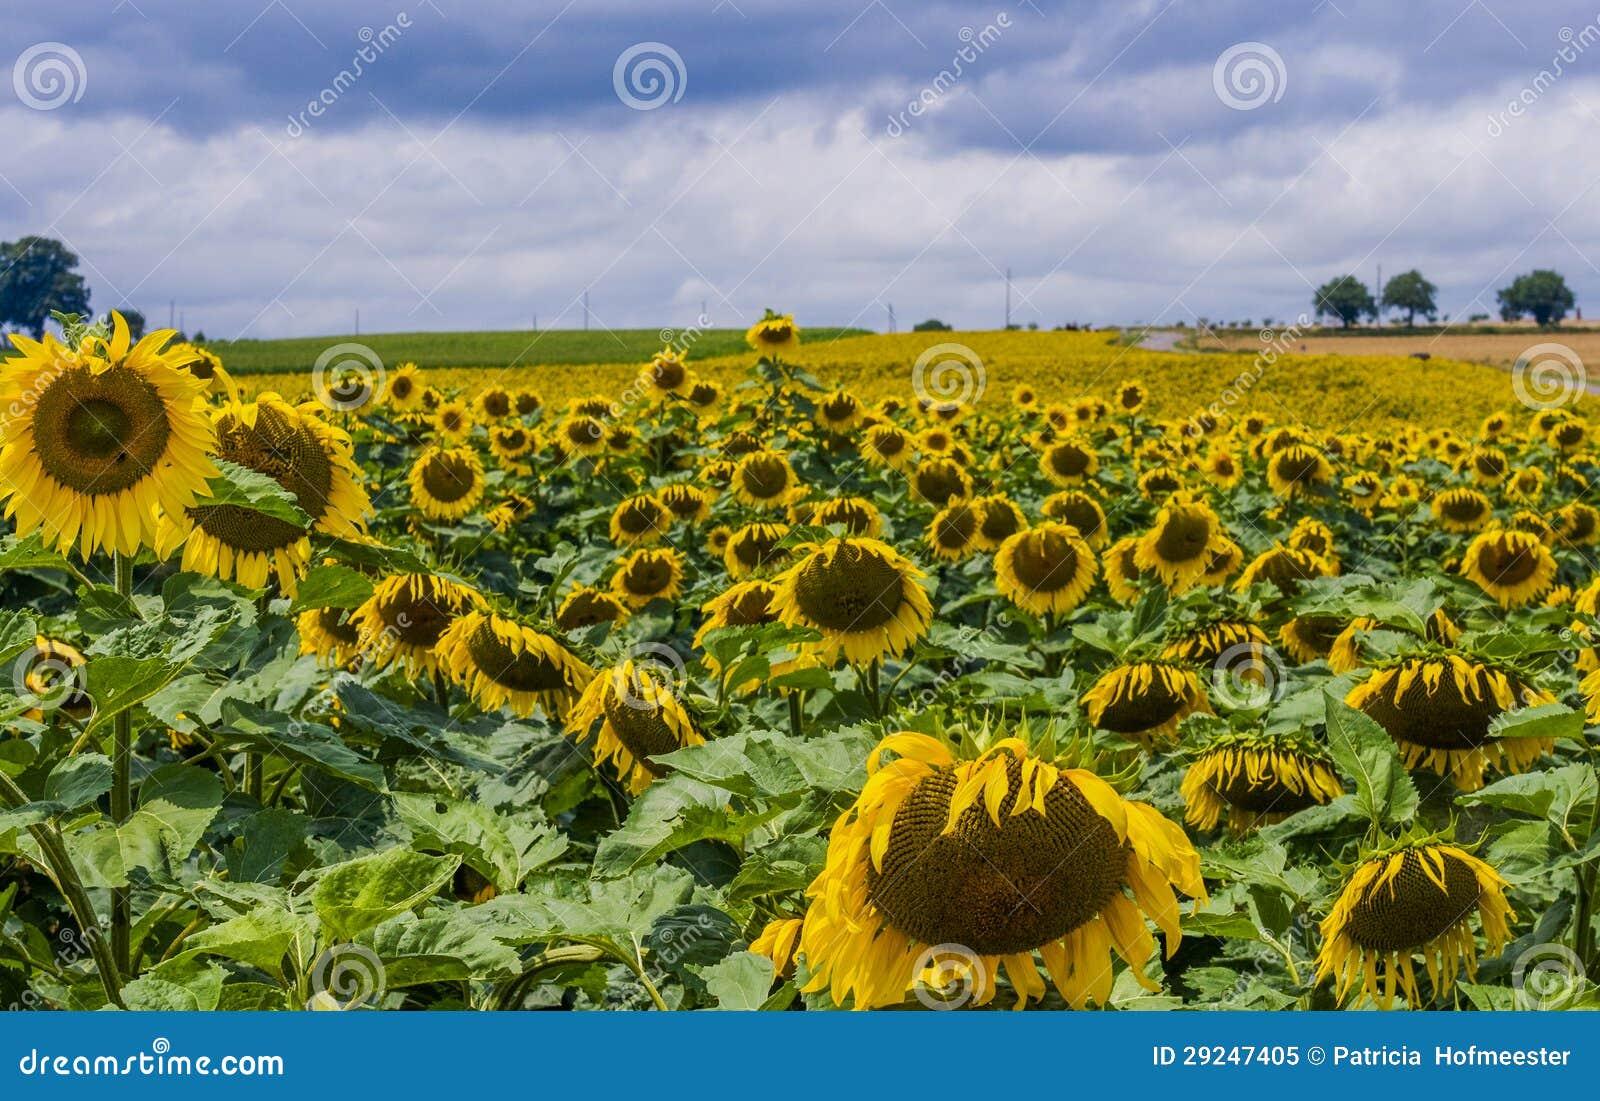 Download Girassóis imagem de stock. Imagem de daisy, horizonte - 29247405